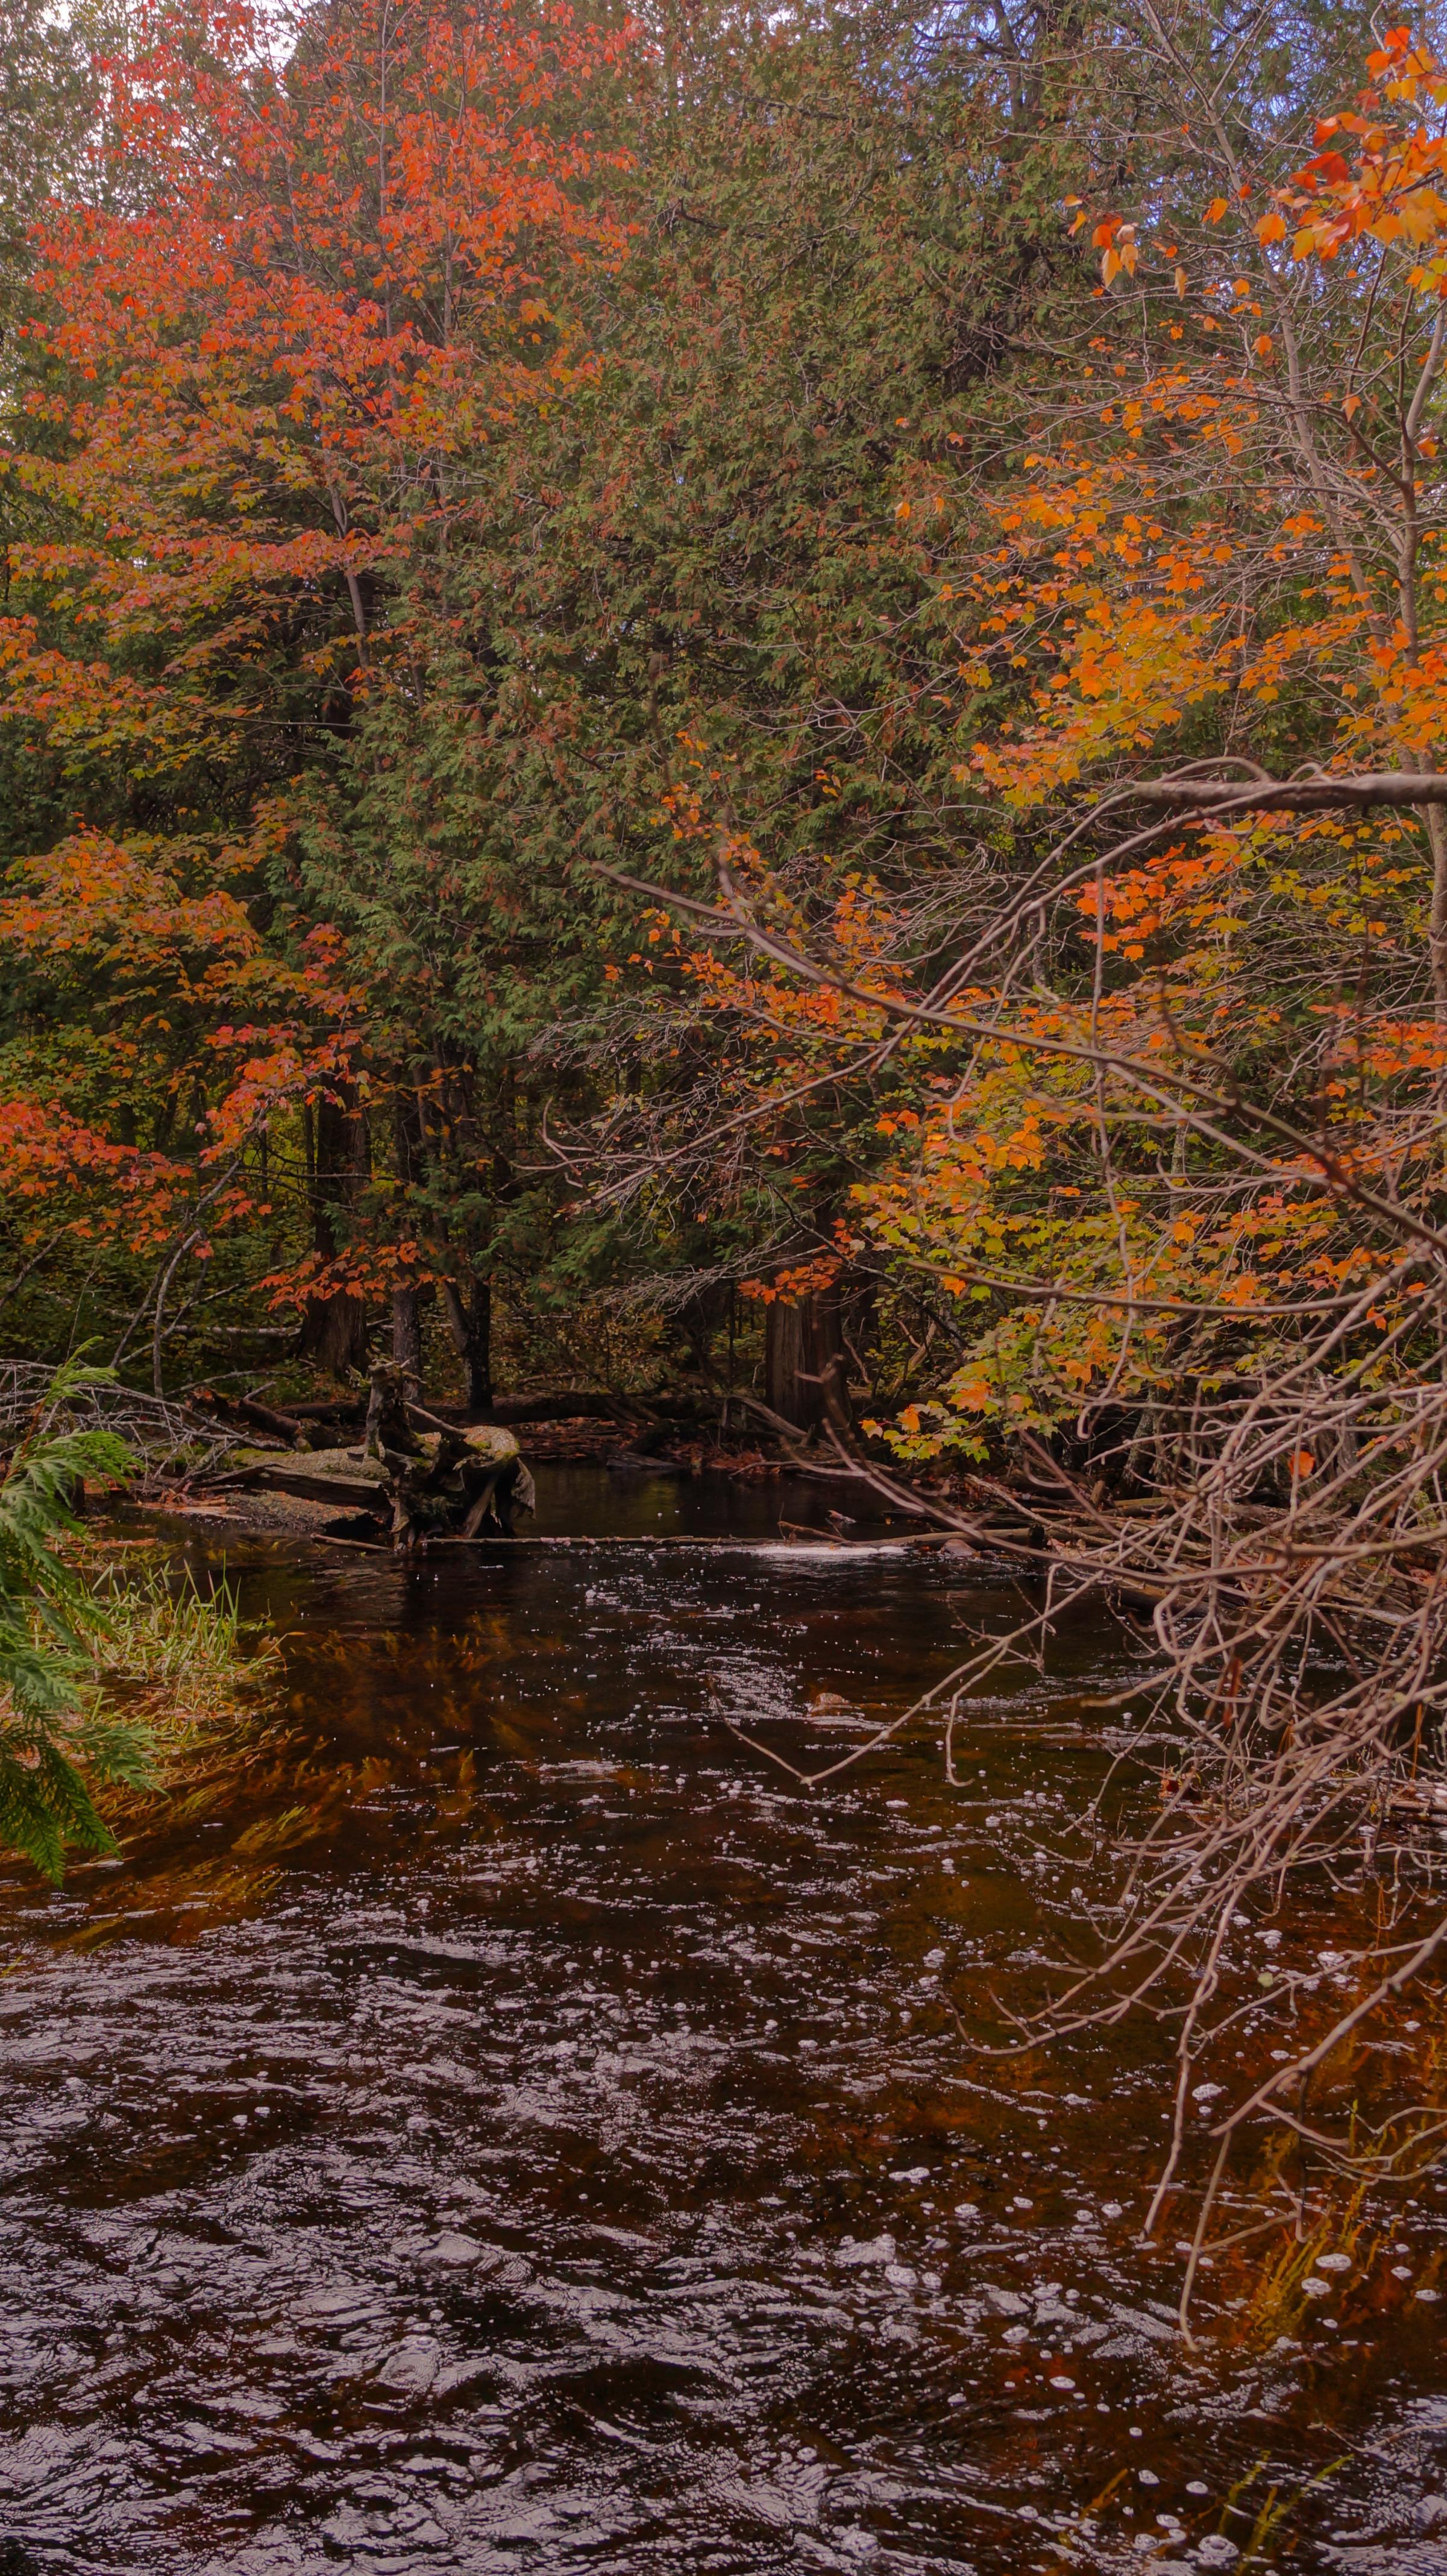 Meandering Autumn Stream